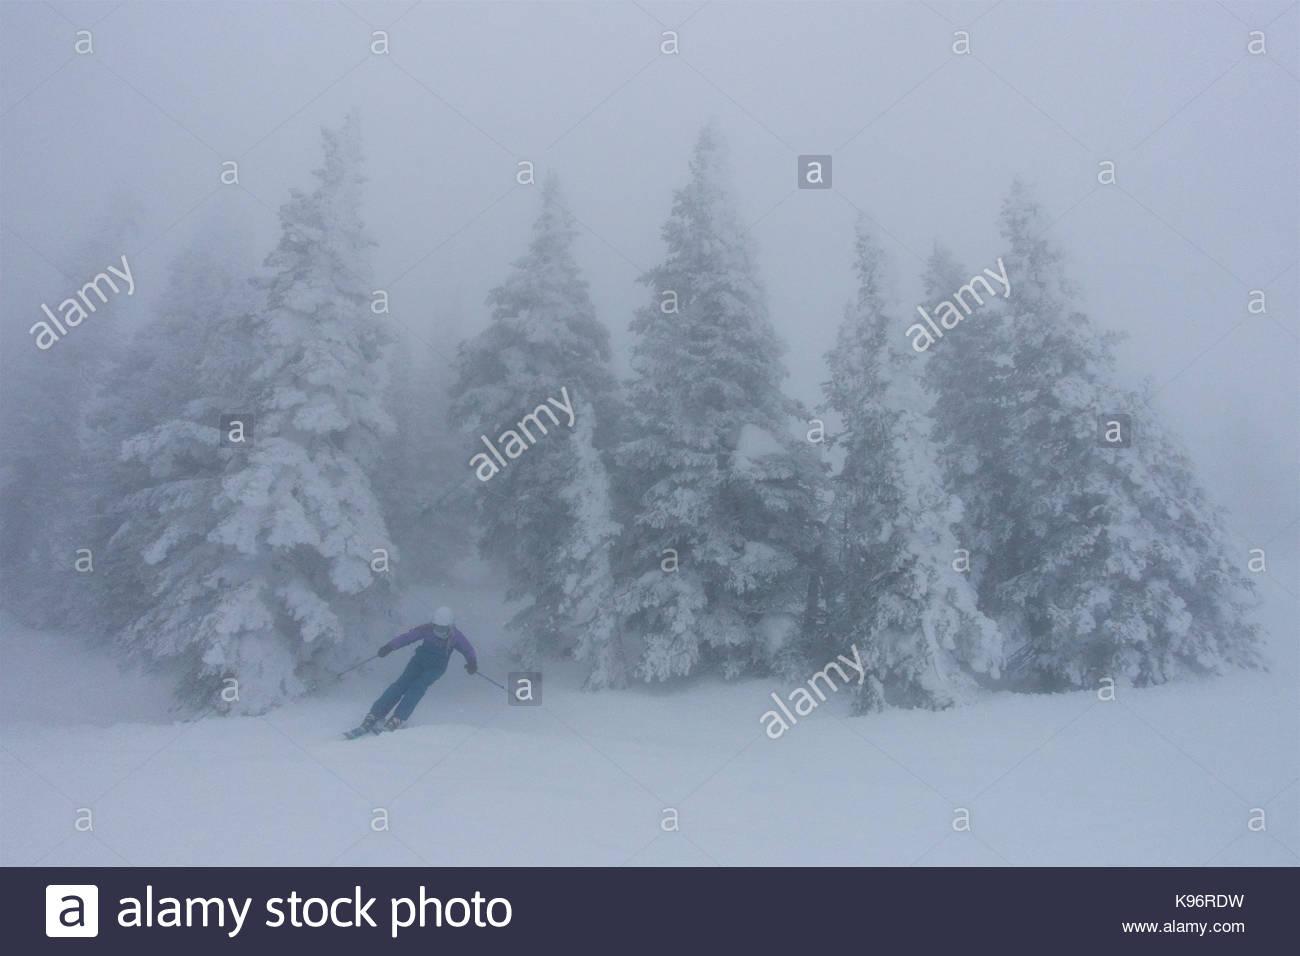 Una ragazza teen sciare nella nebbia, whiteout condizioni nei pressi di rime coperti di conifere. Immagini Stock